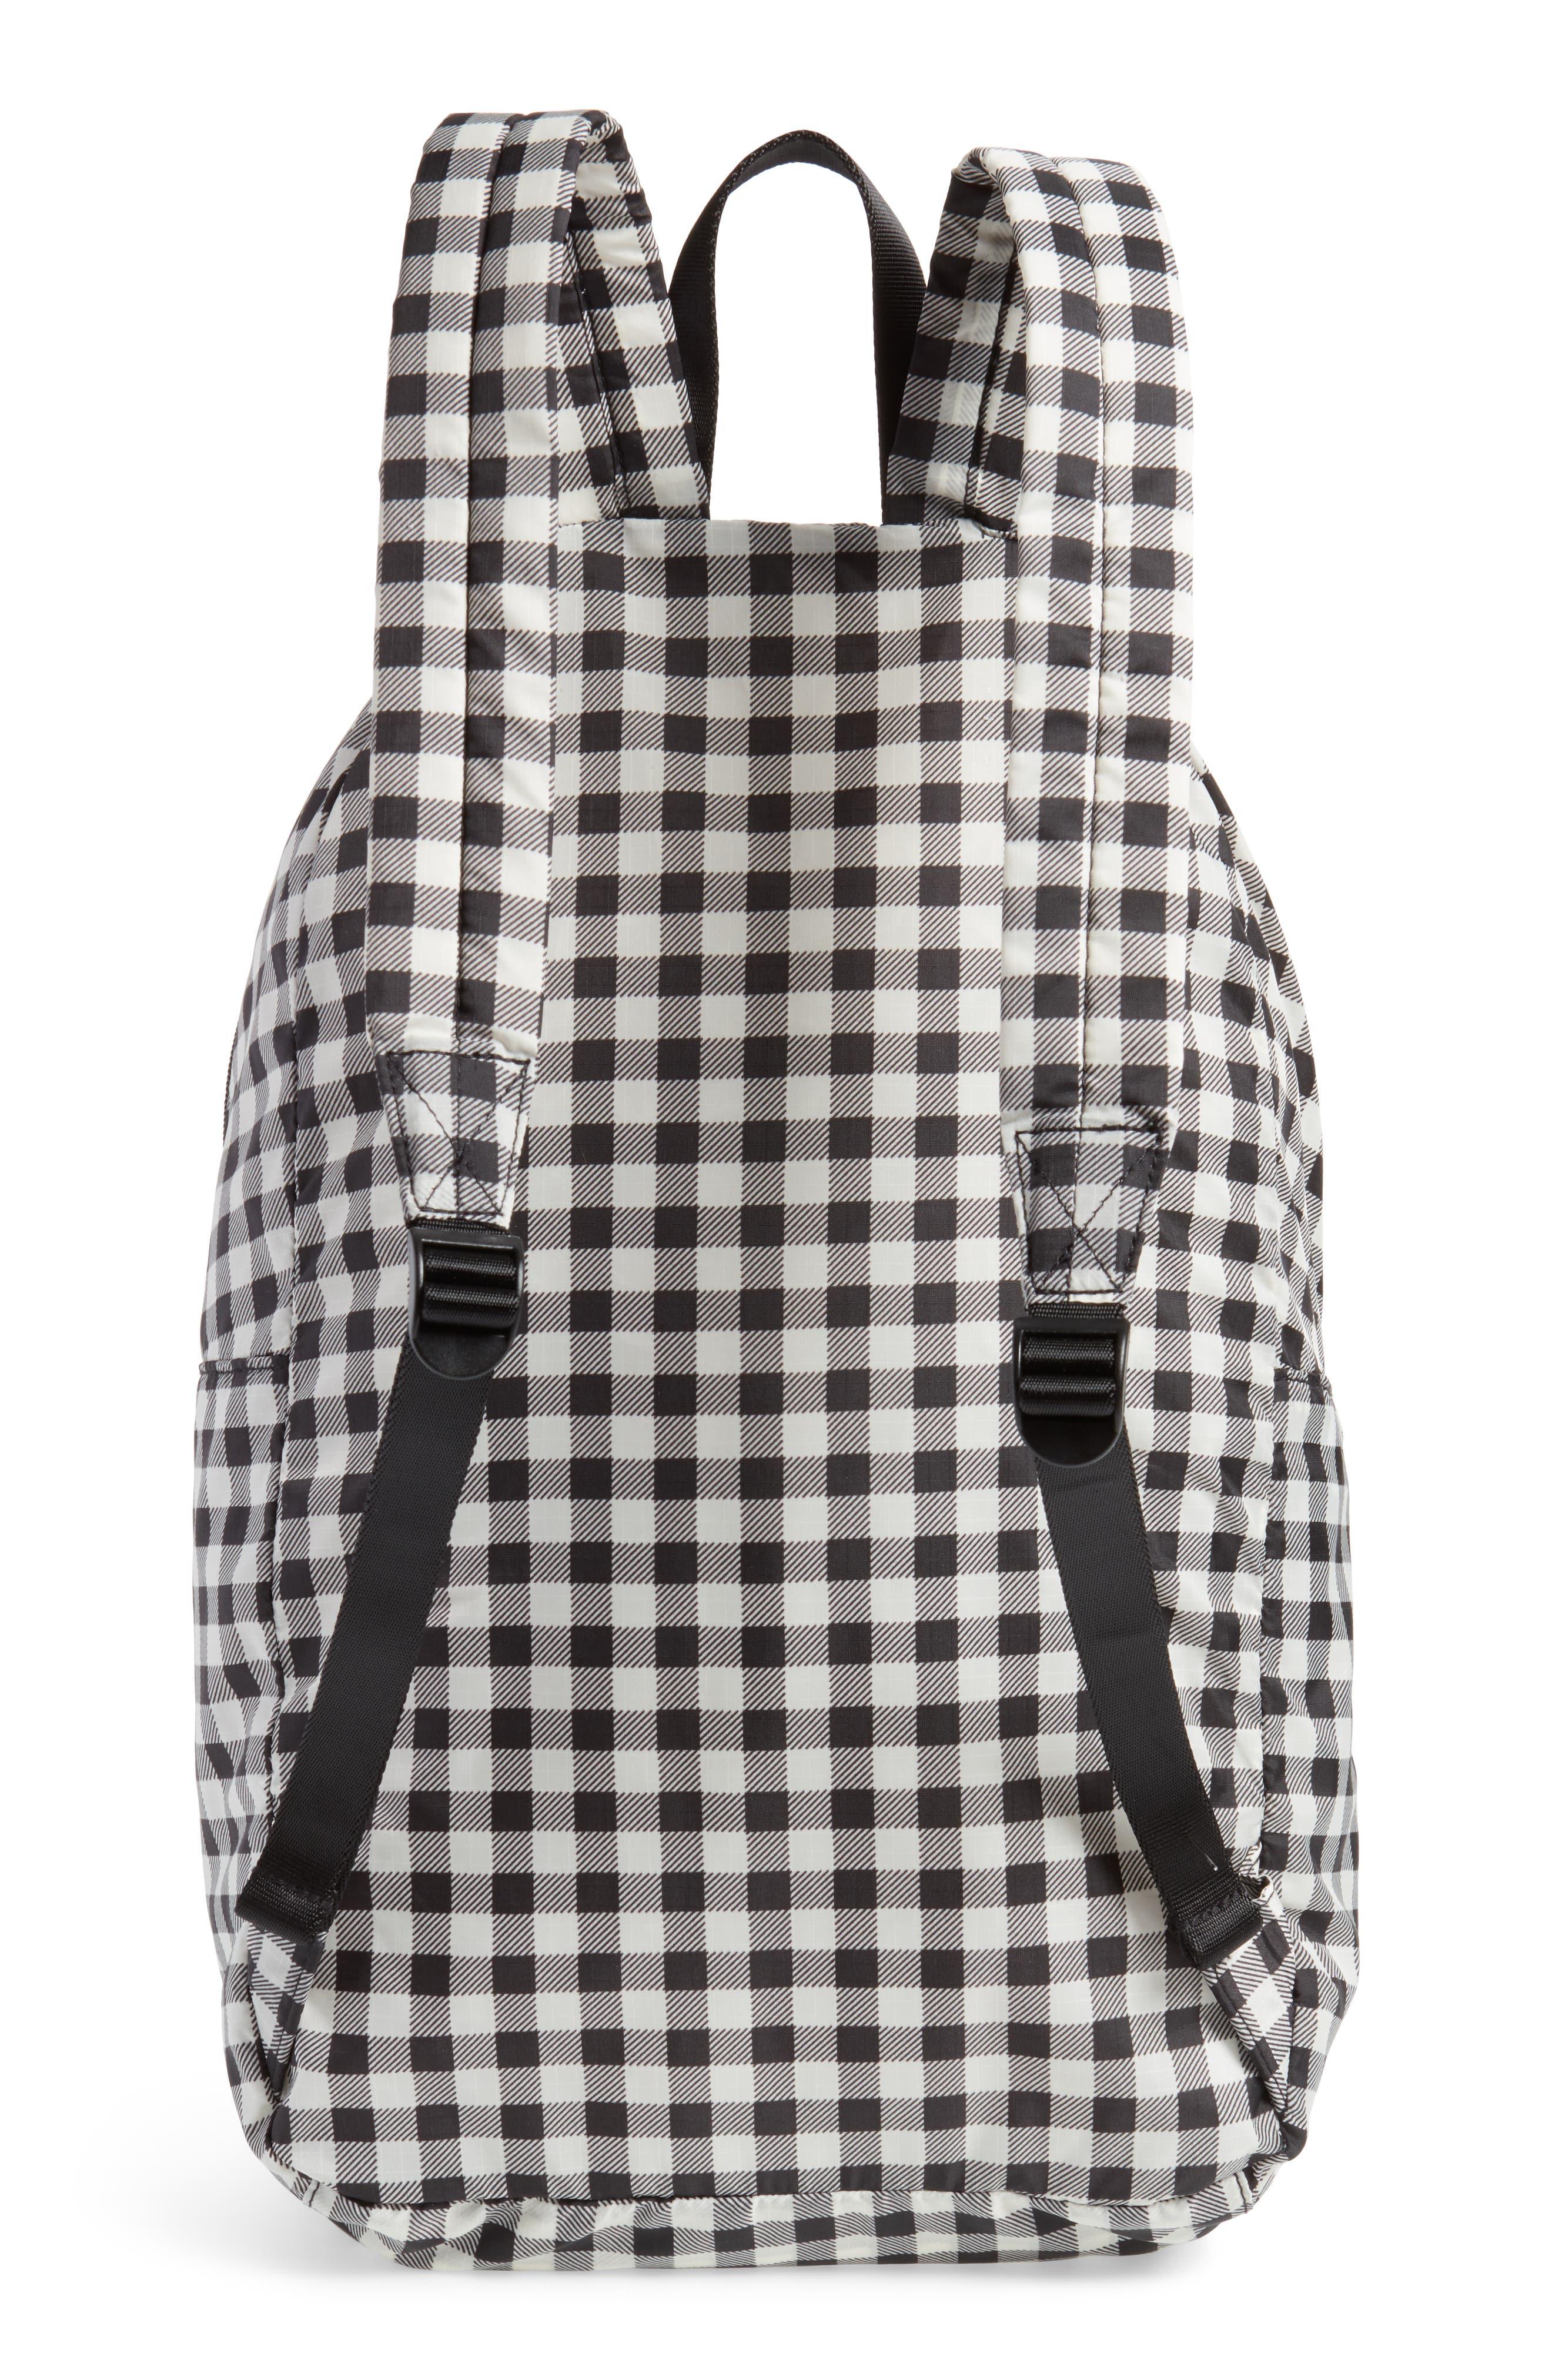 Ripstop Nylon Backpack,                             Alternate thumbnail 3, color,                             Black Gingham